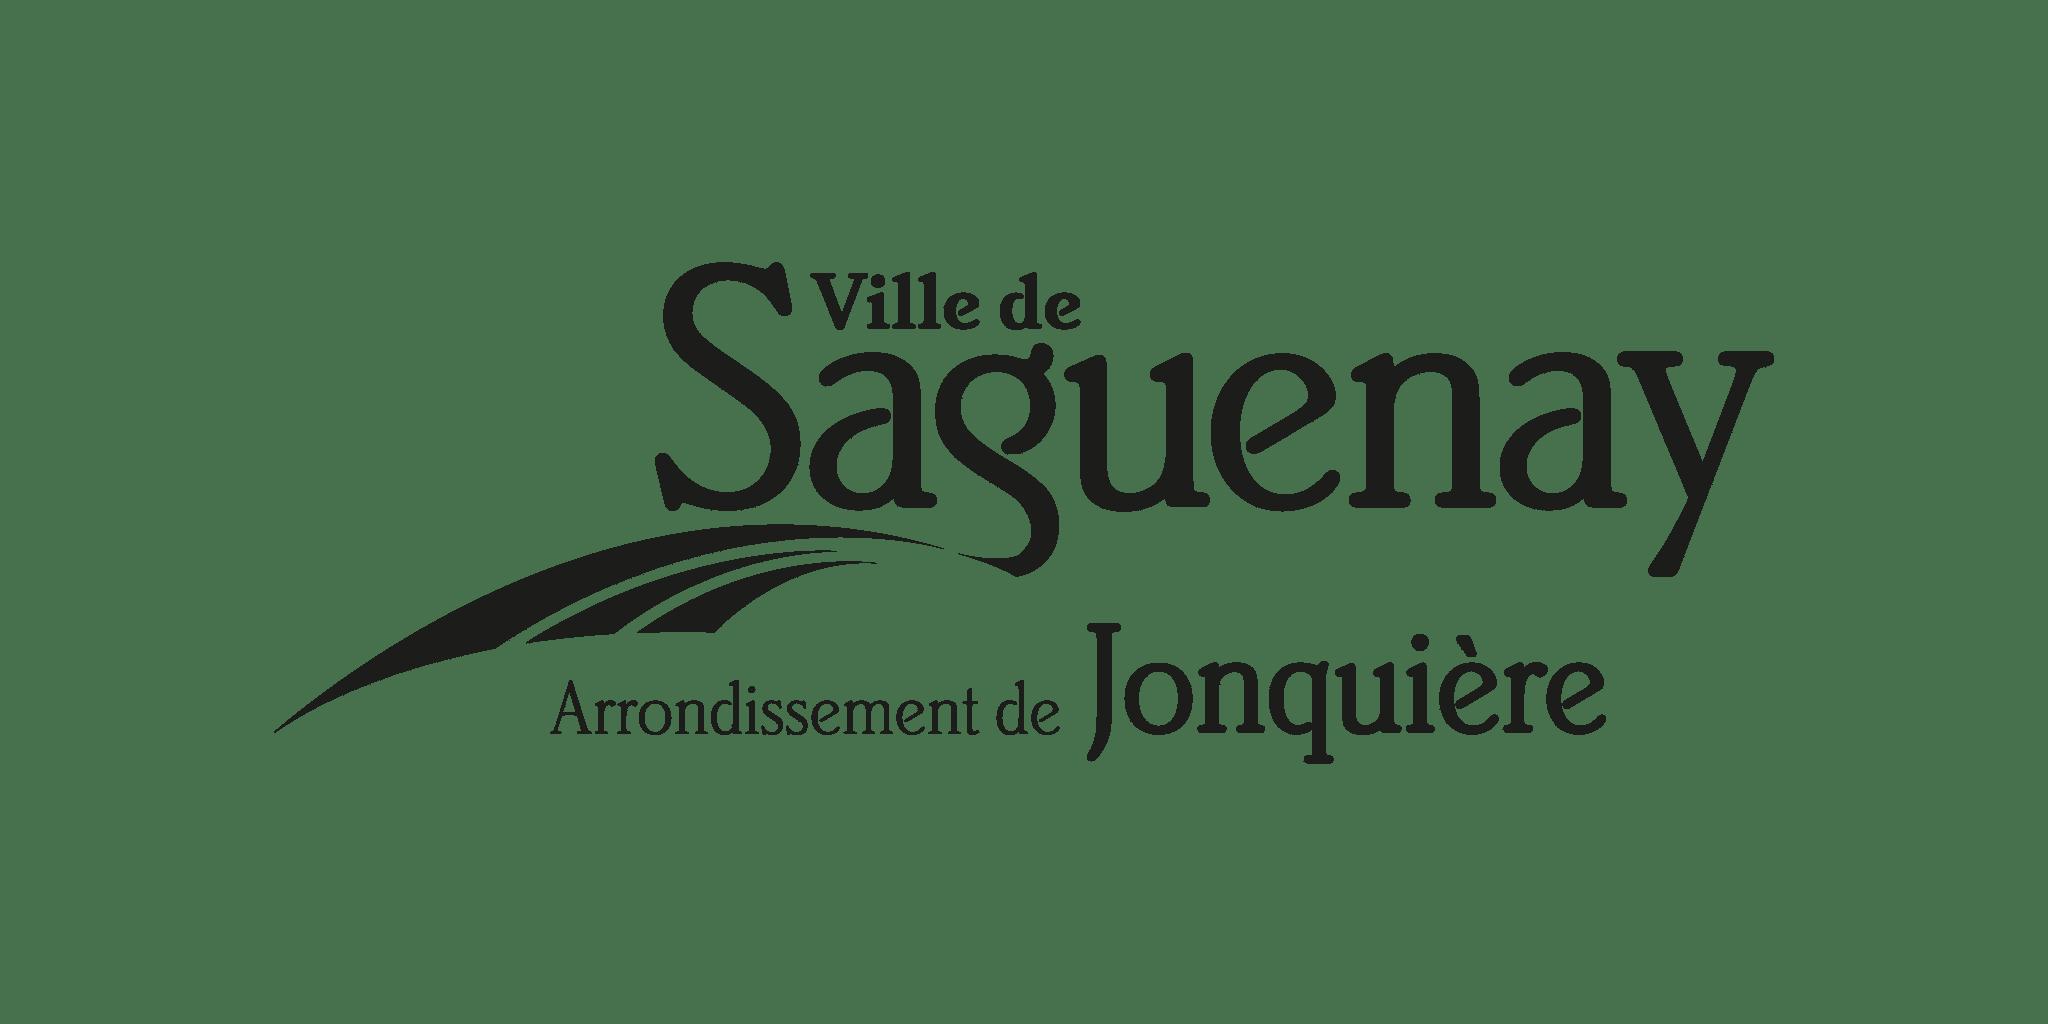 Ville de Saguenay, arrondissement Jonquière